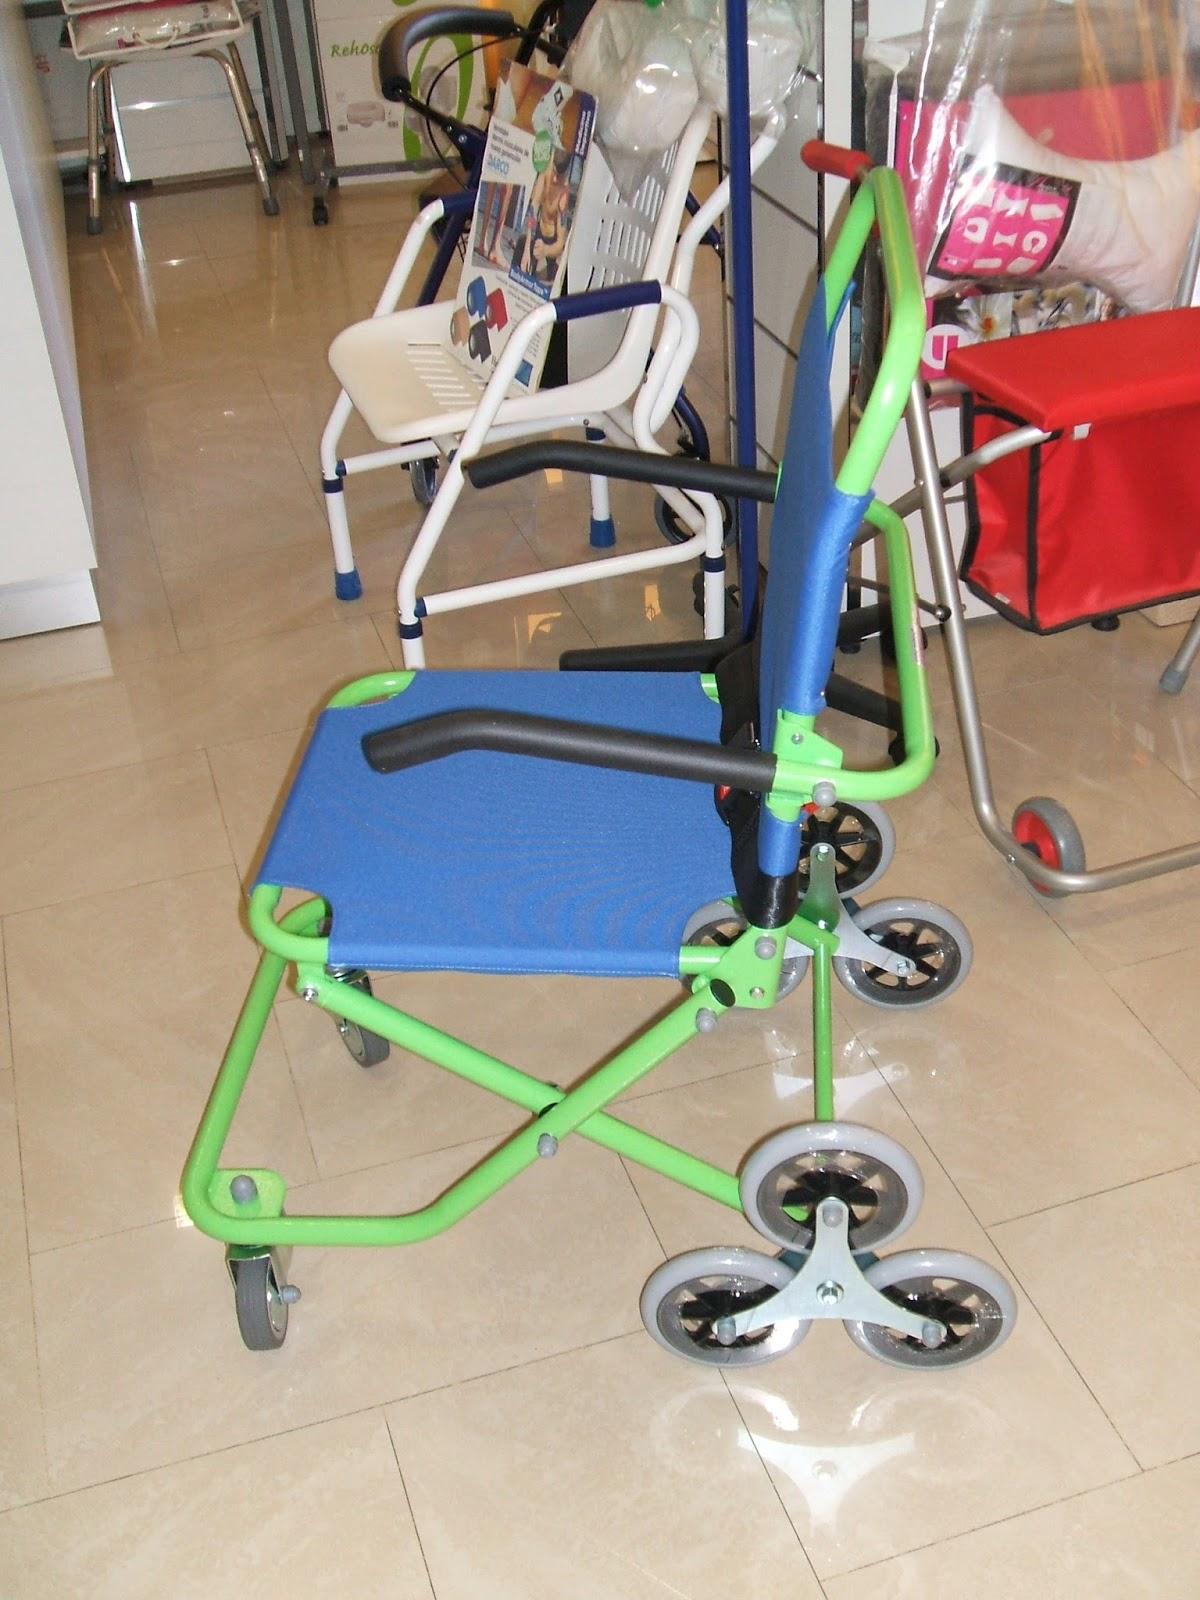 silla salvaescaleras manual con ruedas traseras triples